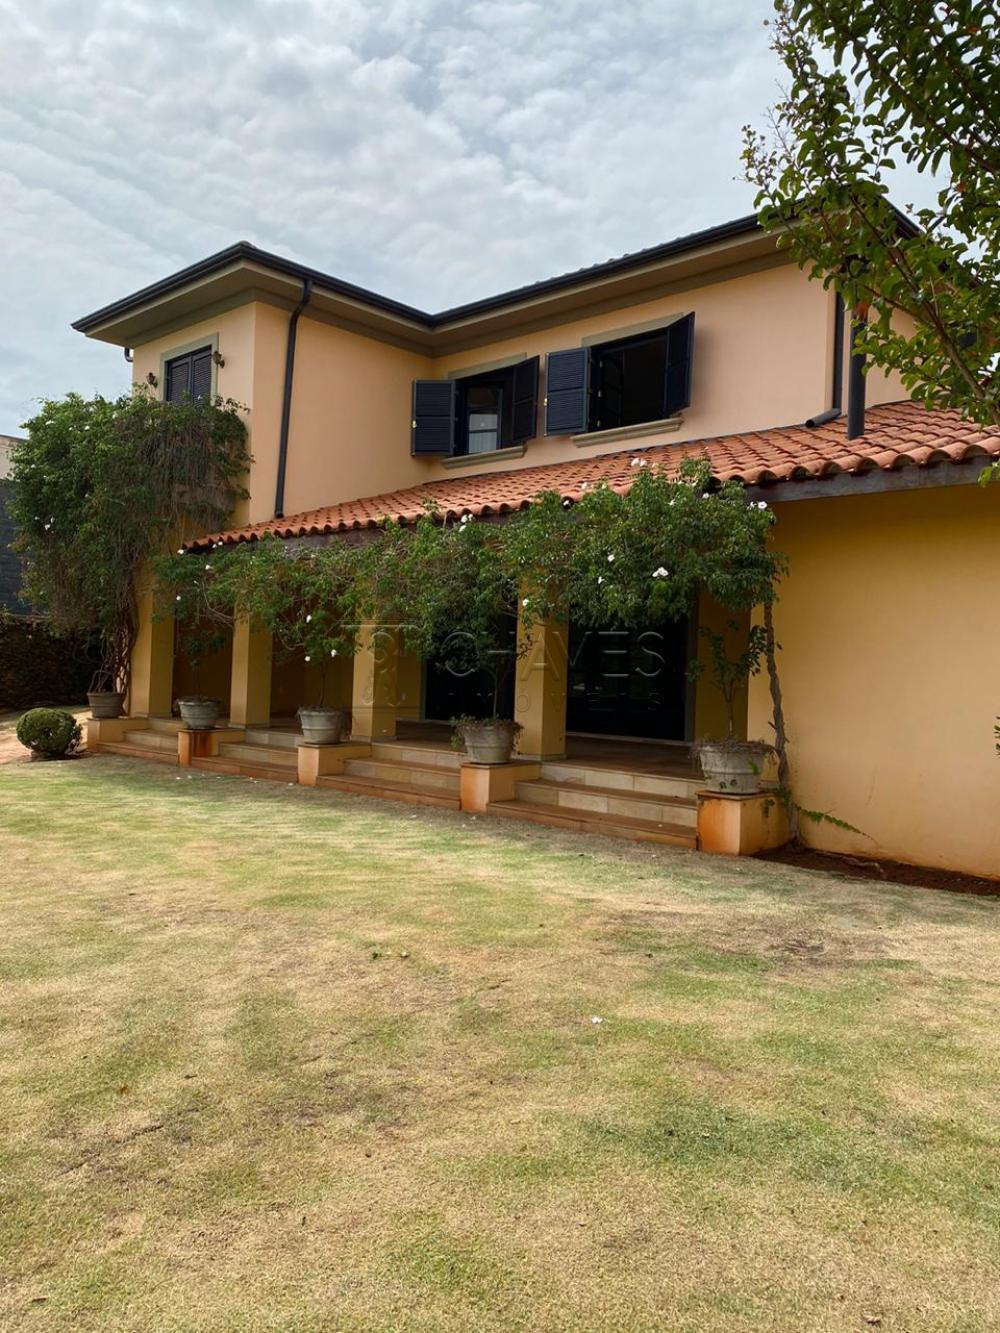 Comprar Casa / Condomínio em Ribeirão Preto apenas R$ 4.900.000,00 - Foto 6